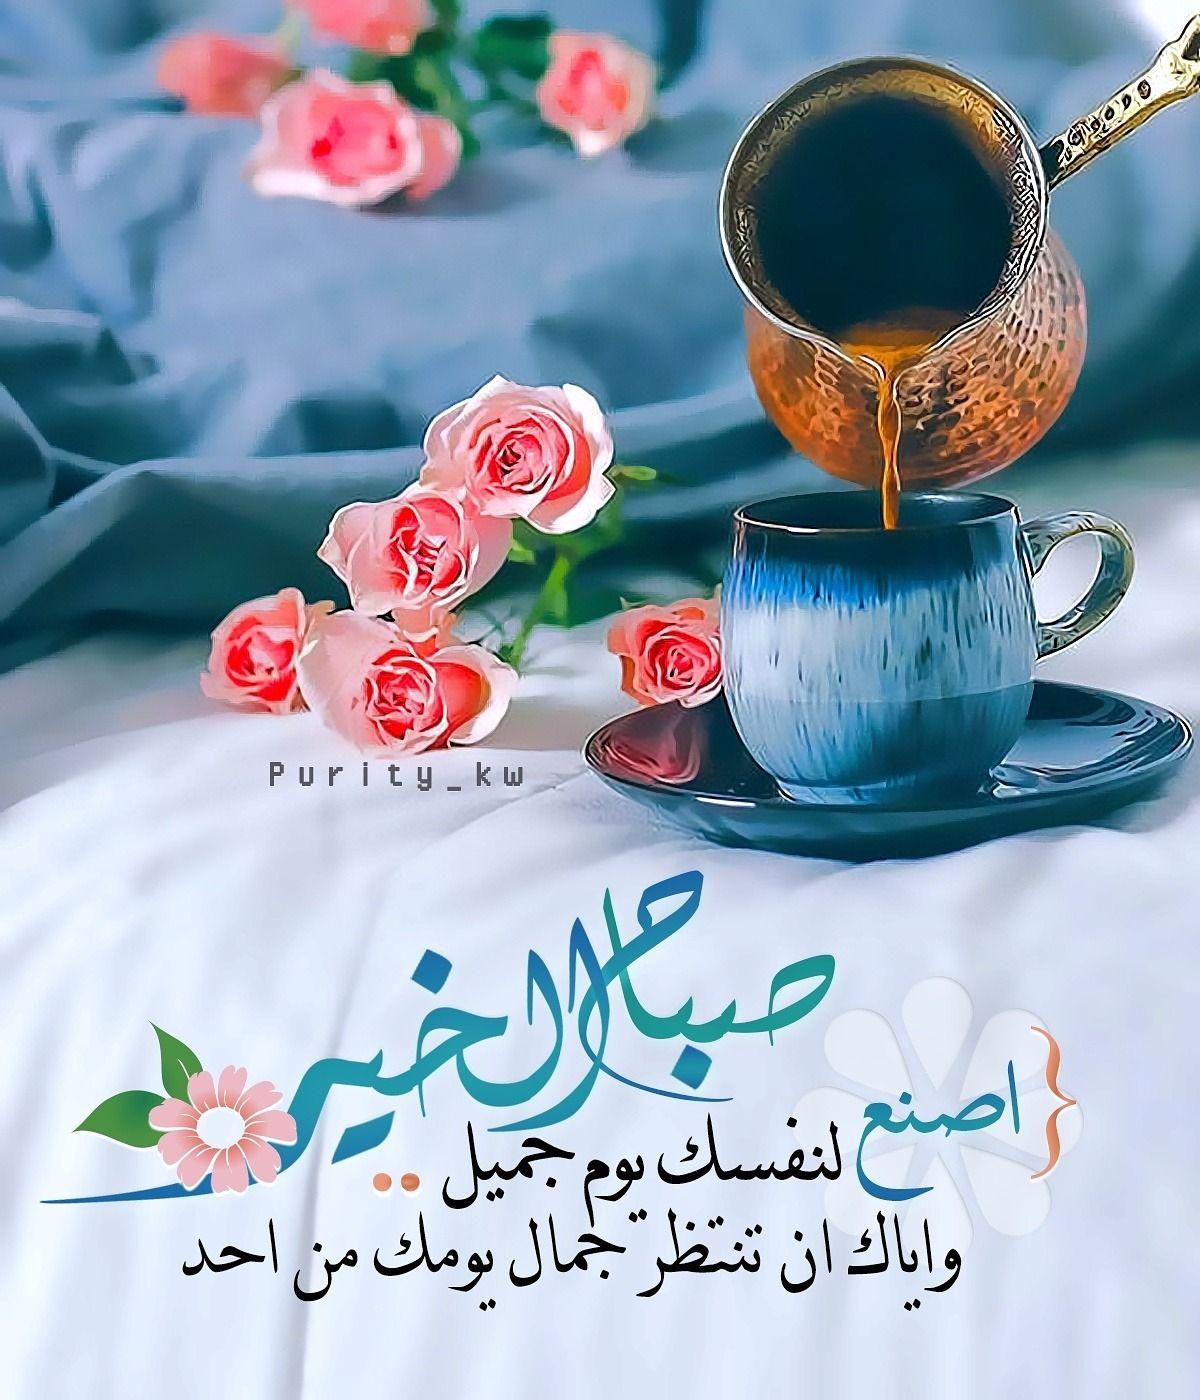 بالصور عبارات صباح الخير , جمل بسيطه تقال فى الصباح 4691 4